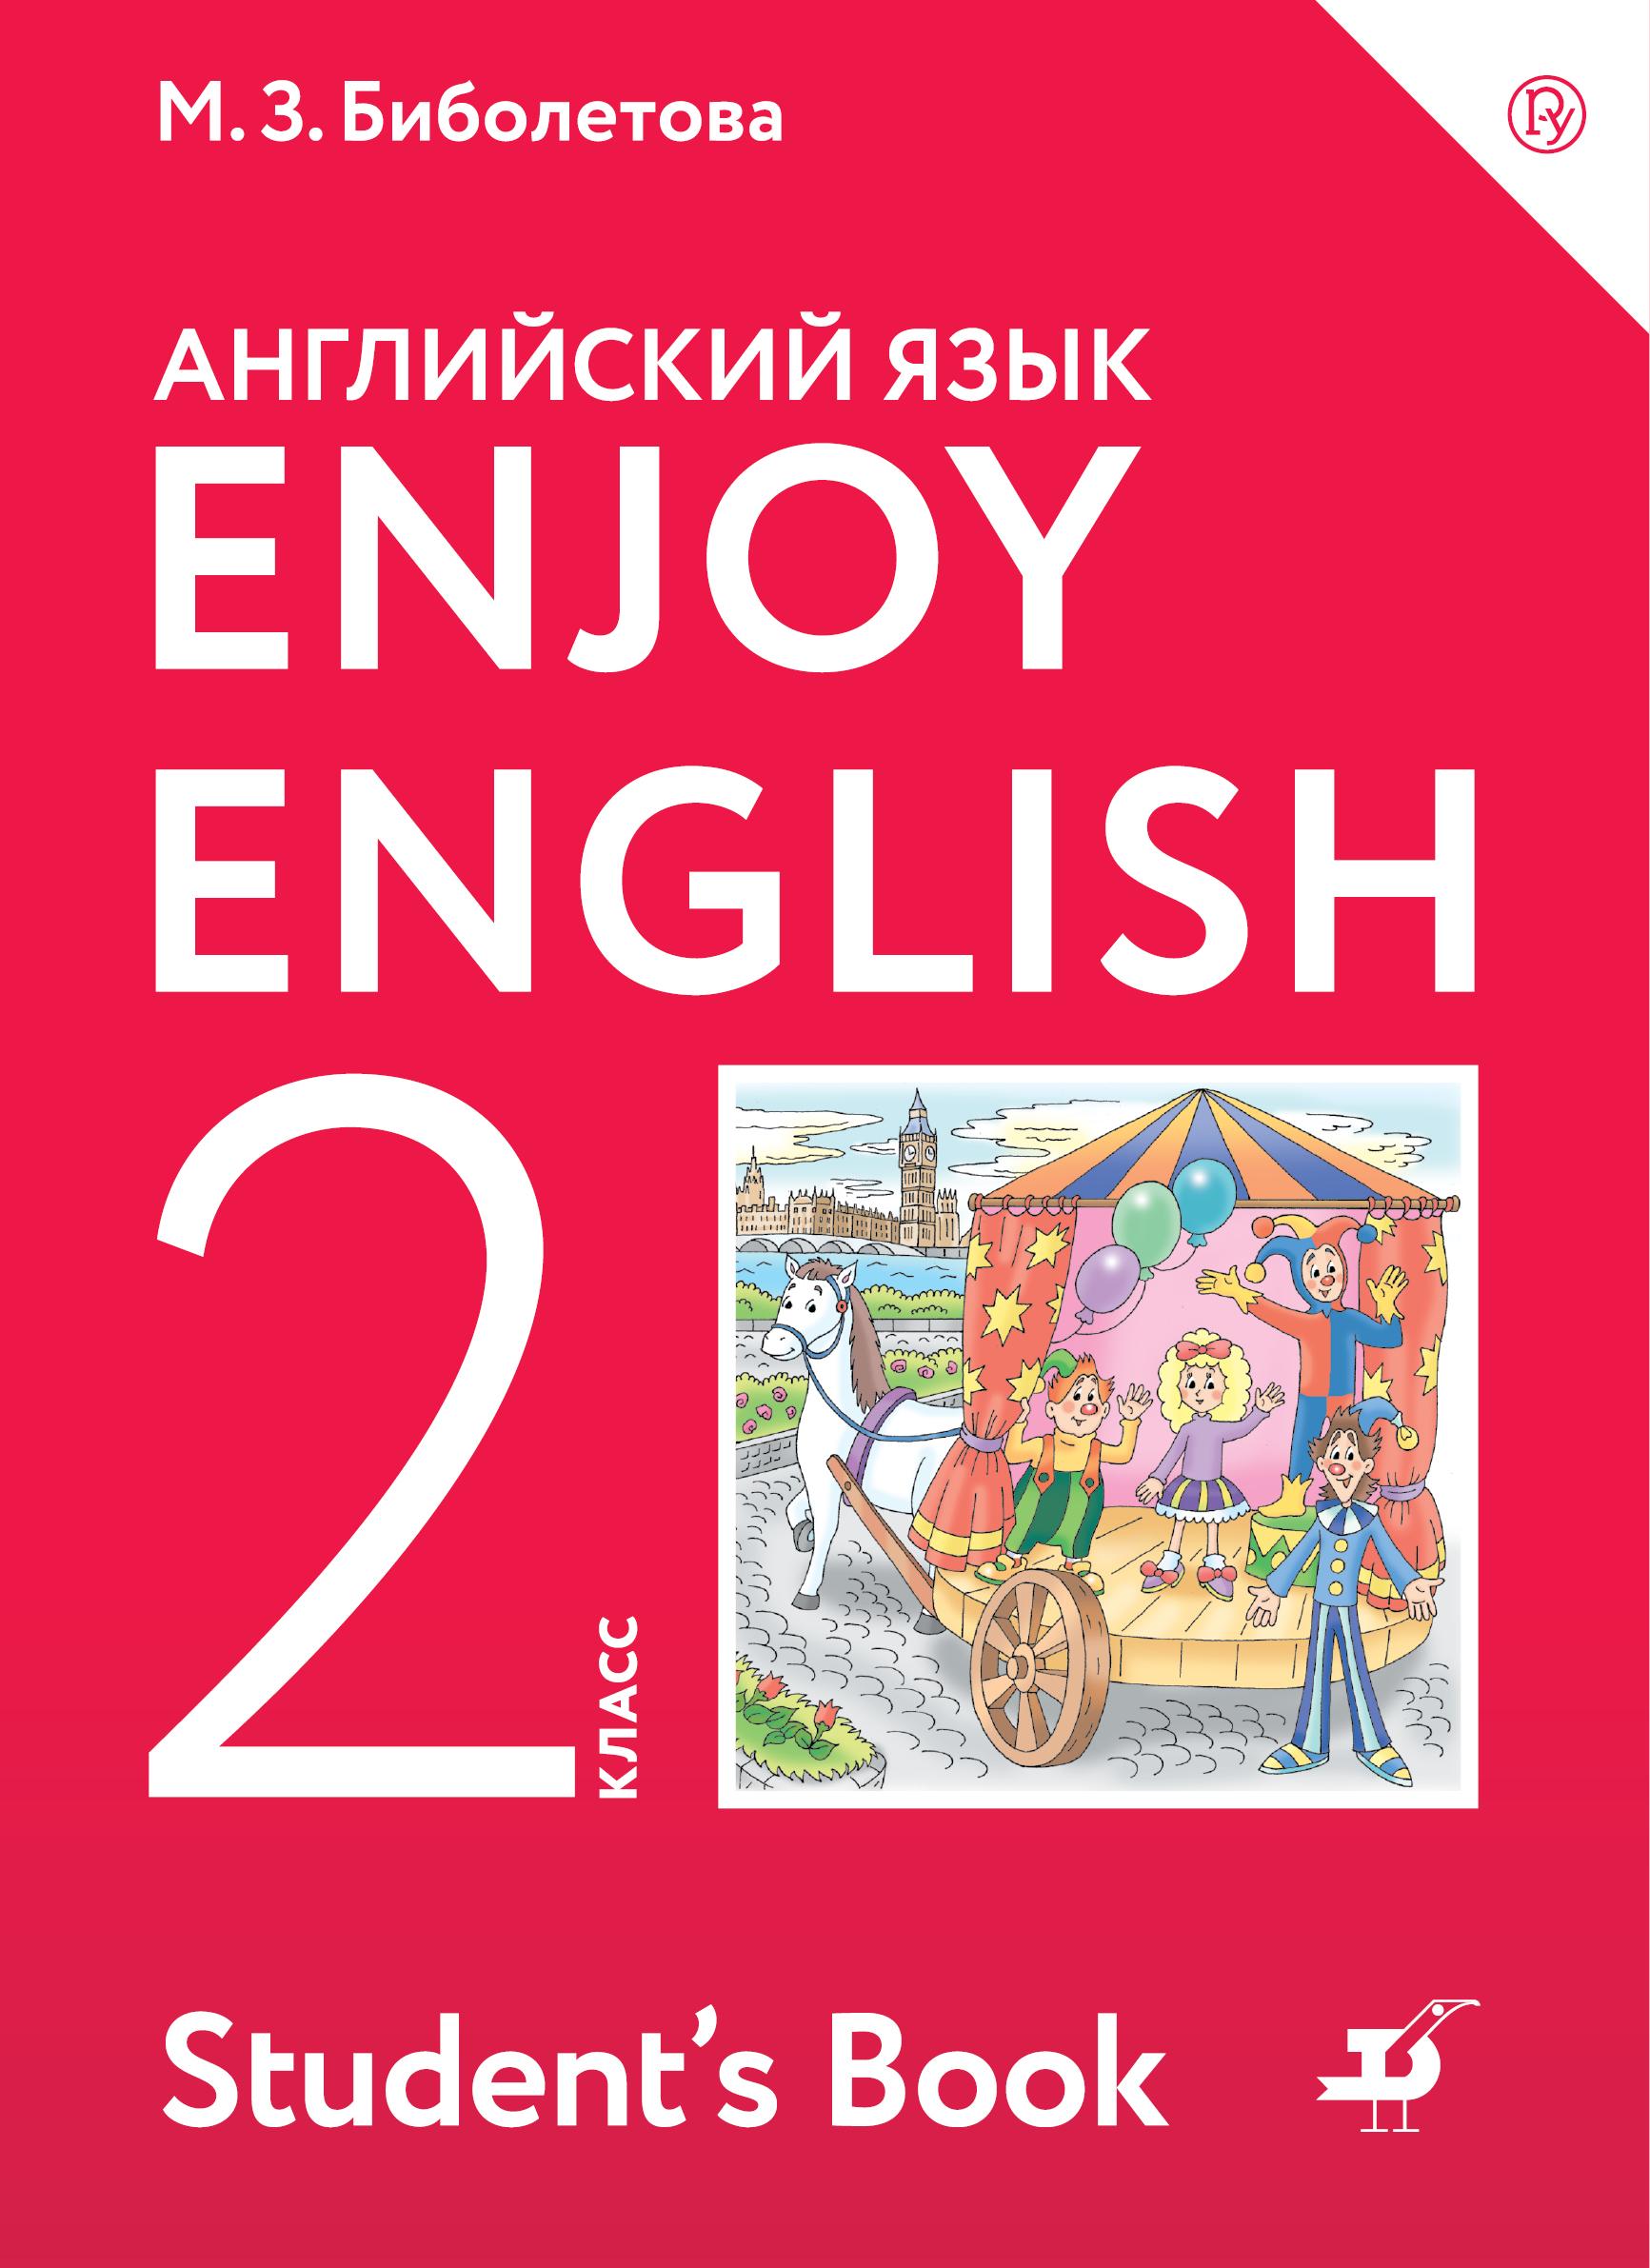 Биболетова М.З. Enjoy English/Английский с удовольствием. 2 класс. Учебное пособие